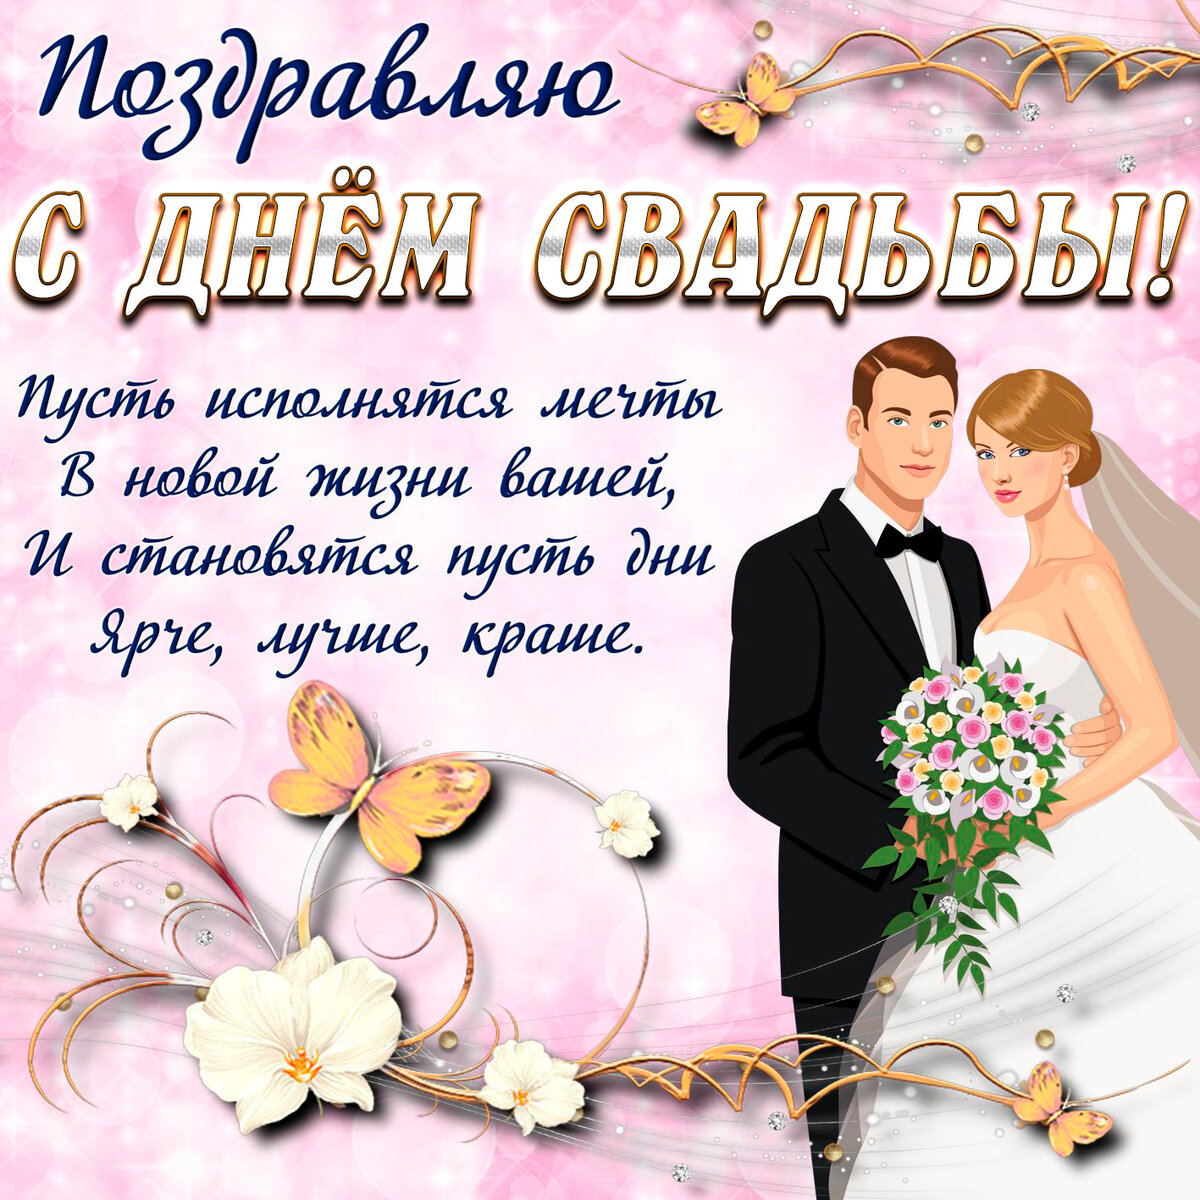 Днем, картинка со свадьбой с поздравлением